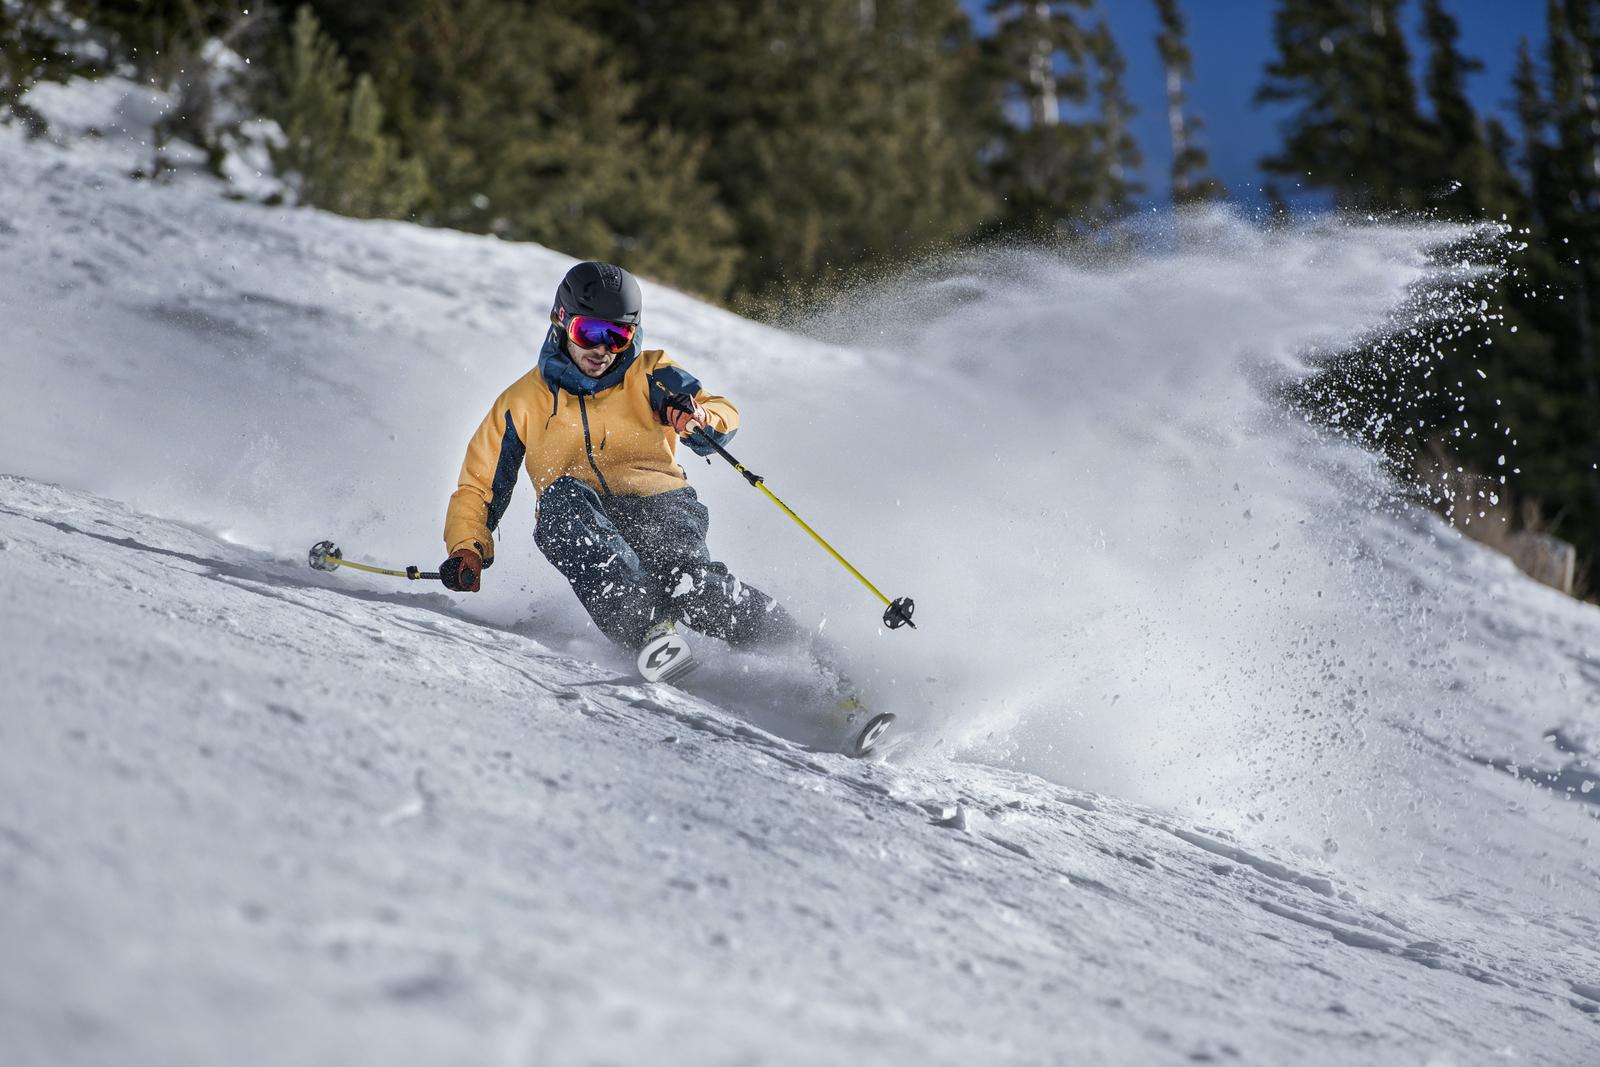 6d95bfc0e Skialpové lyže podle značek 2017-18. Novinky, zajímavosti, informace ...